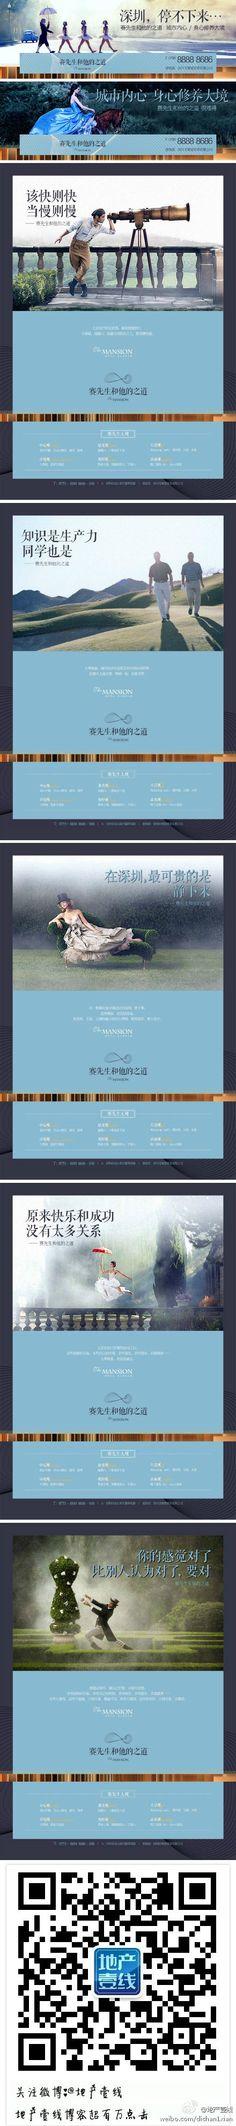 地产 | 赛先生和他的之道 Property Ad, Real Estate Ads, Oriental Design, Print Ads, Art Direction, Commercial, Chinese, Layout, Branding